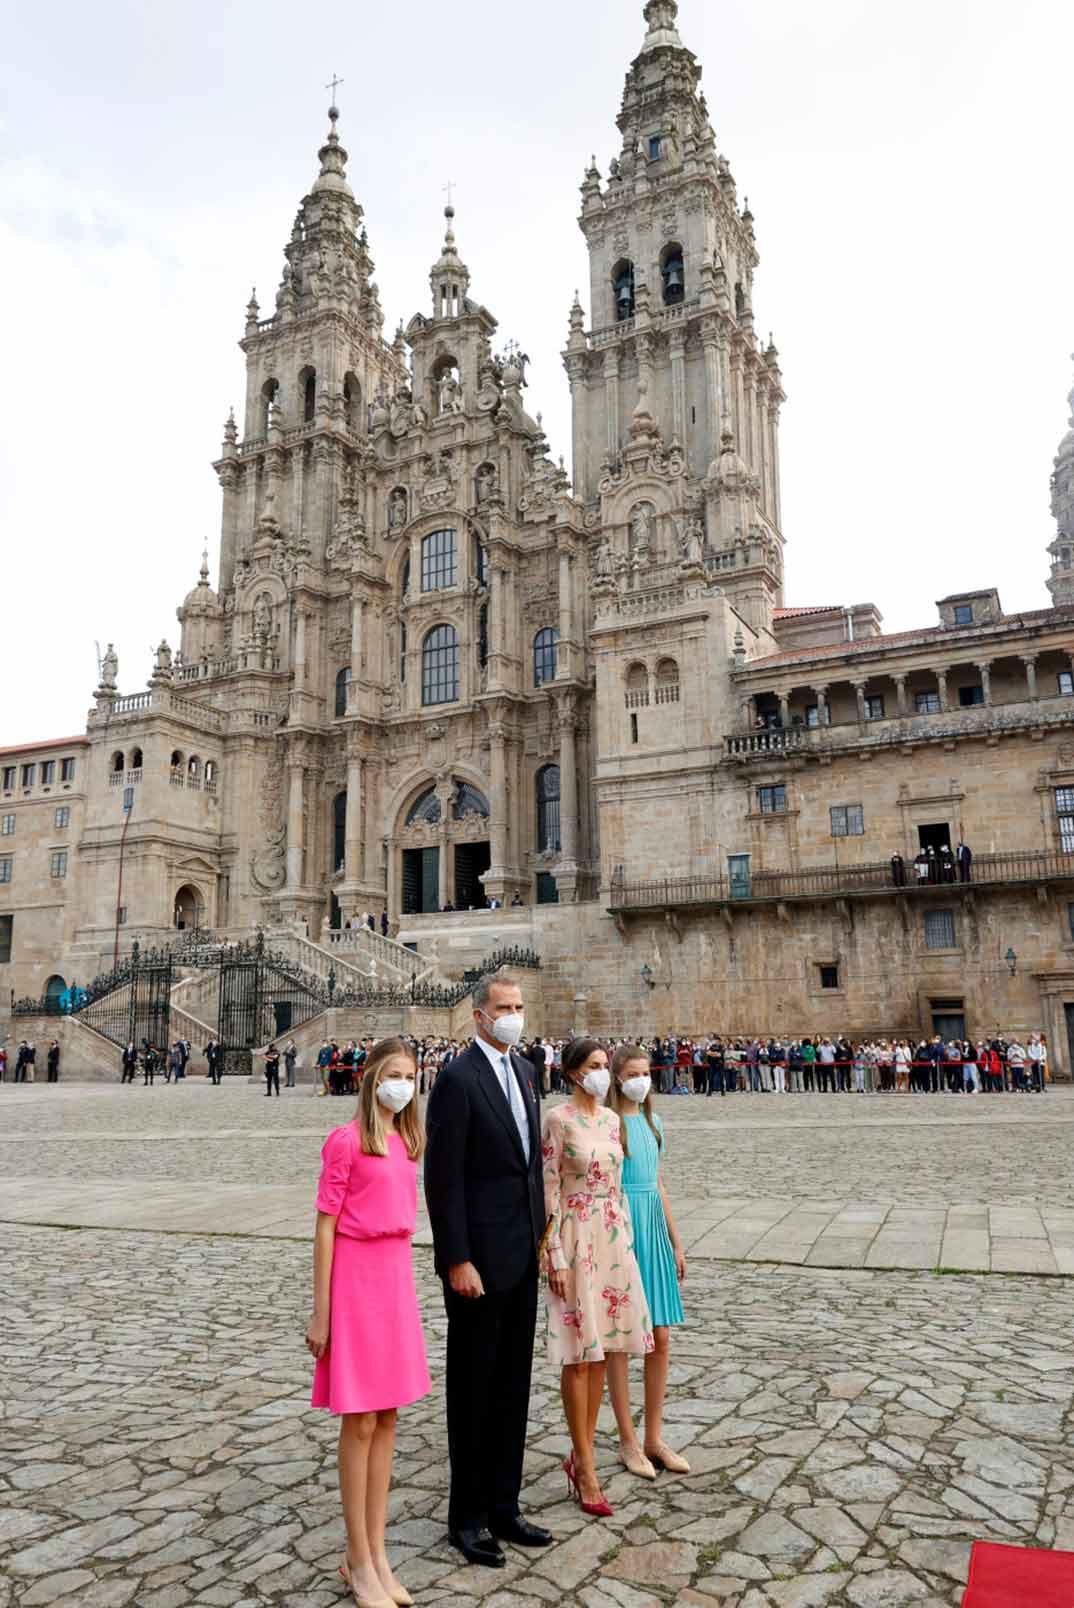 Reyes Felipe y Letizia con sus hijas Leonor y Sofía © Casa Real S.M. El Rey